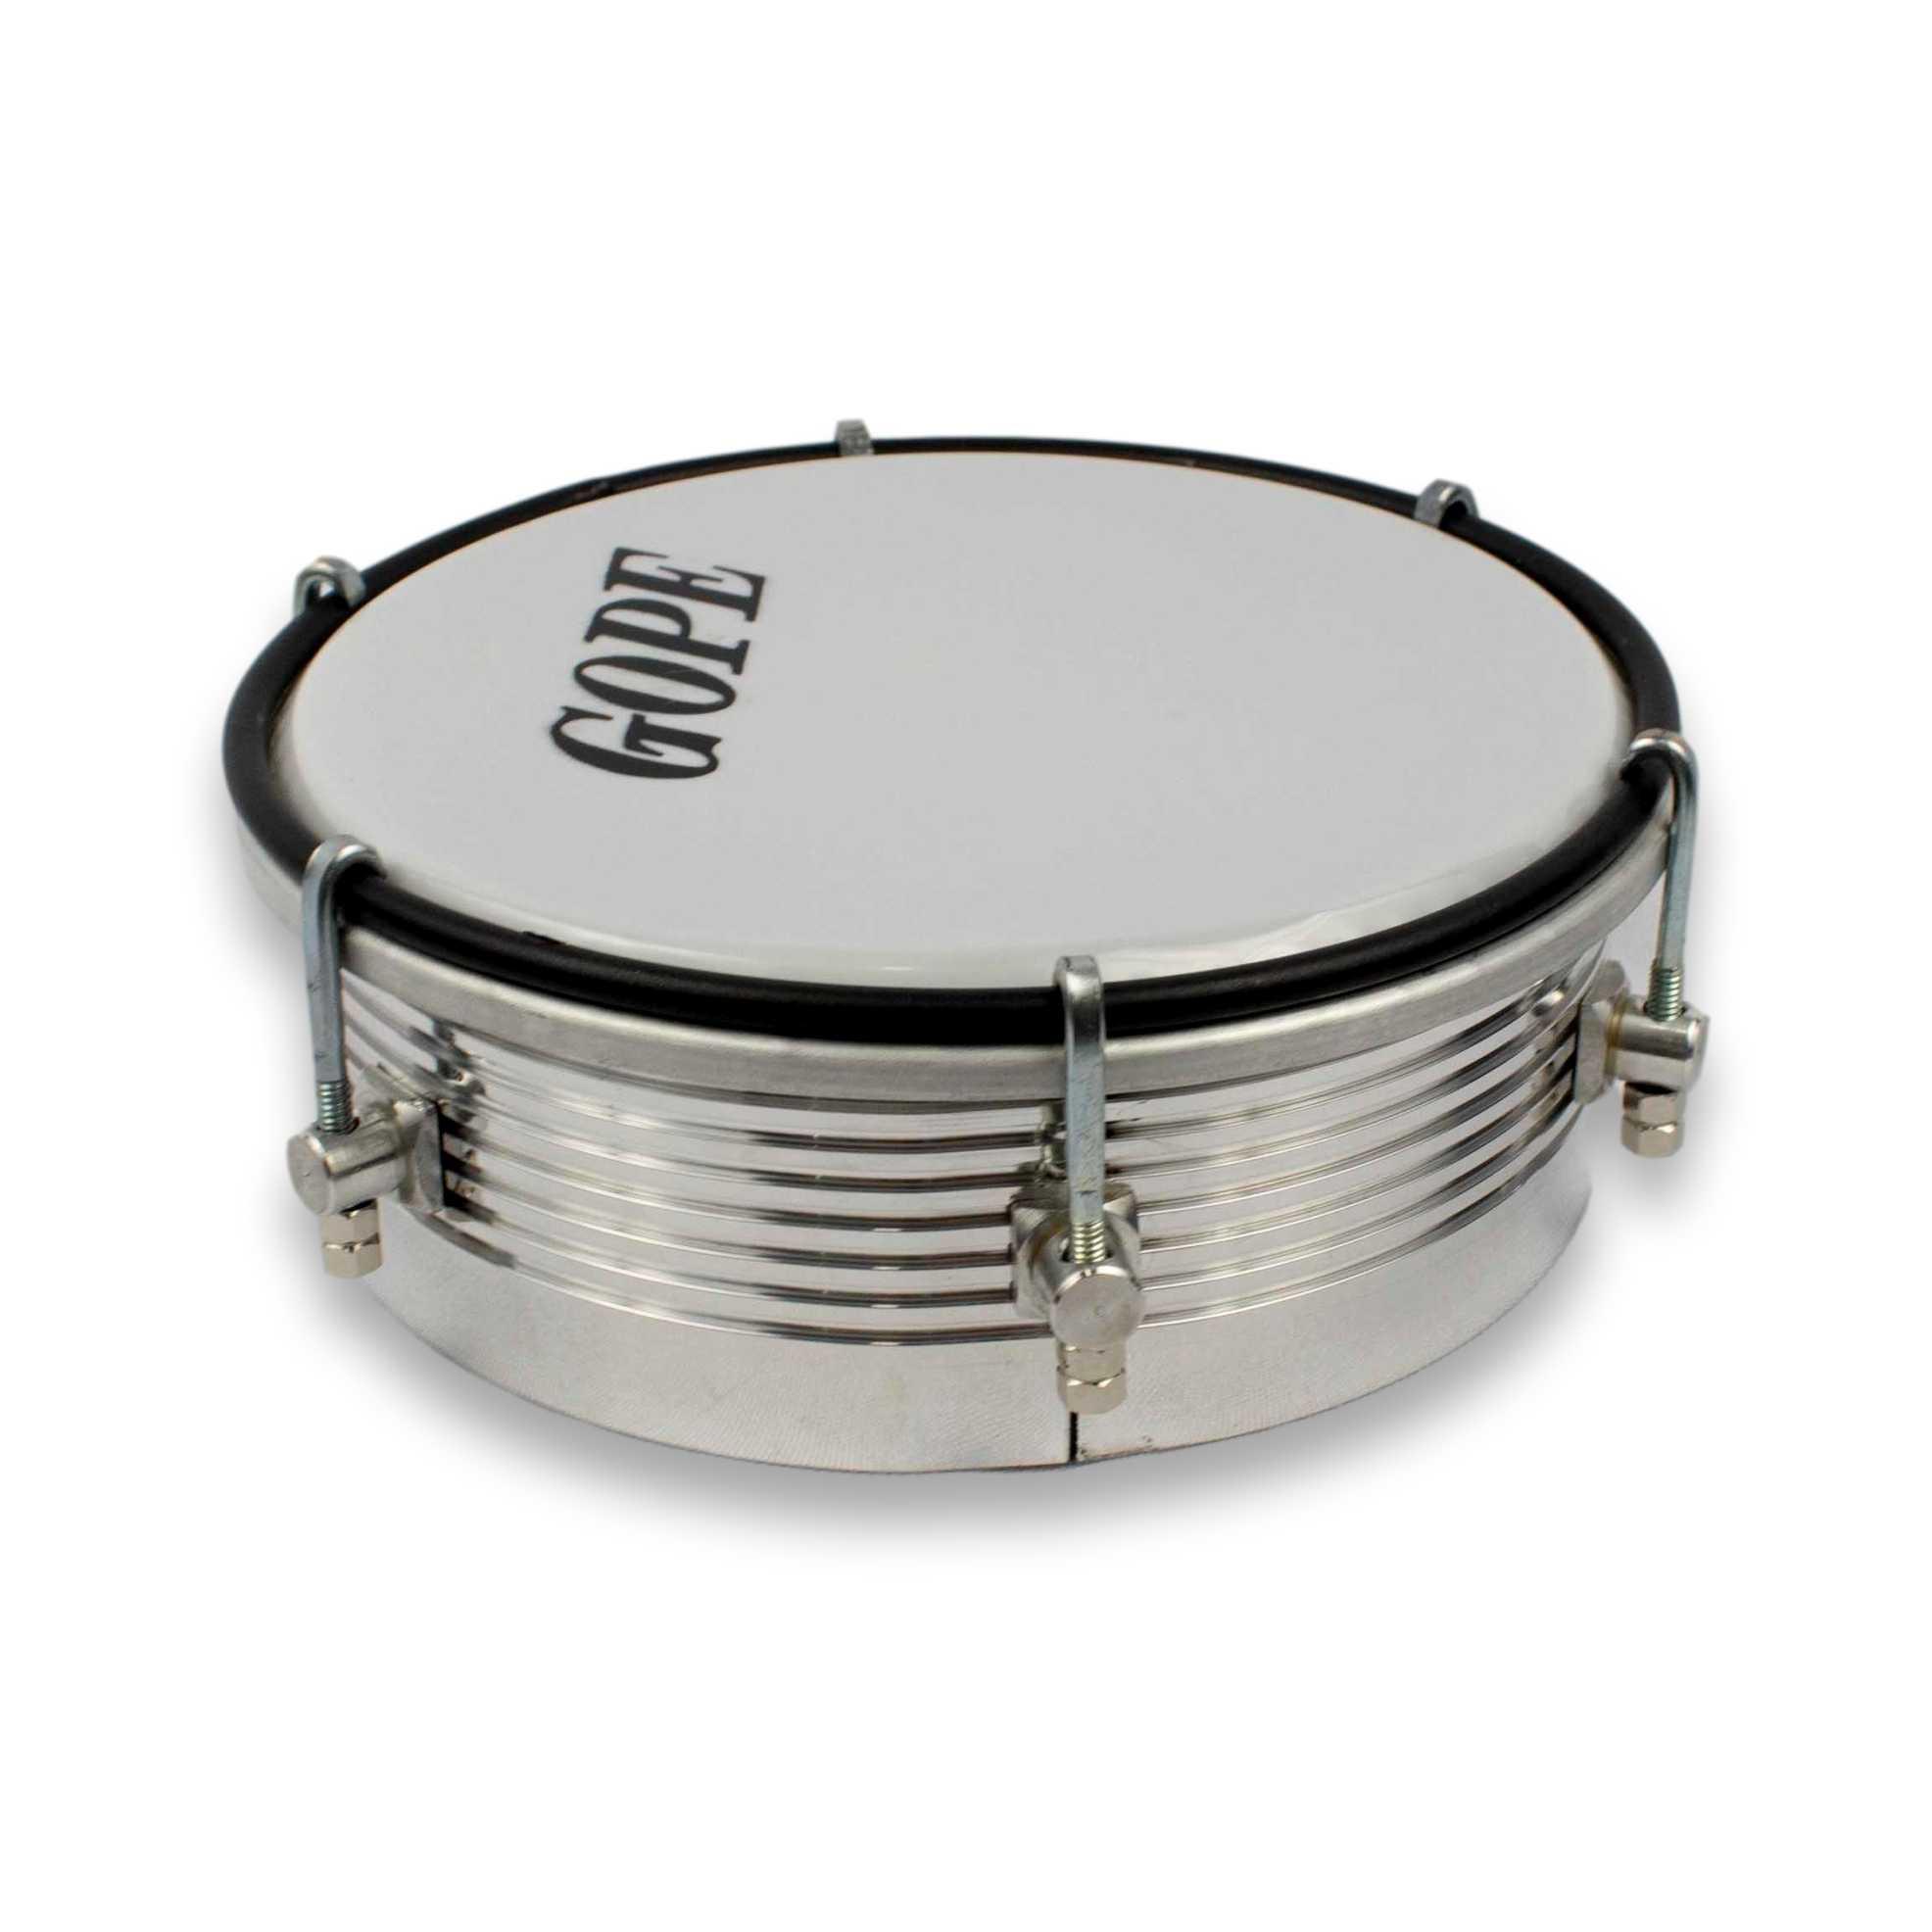 Tamborim Gope 6 pol Aluminio Caixa Alta